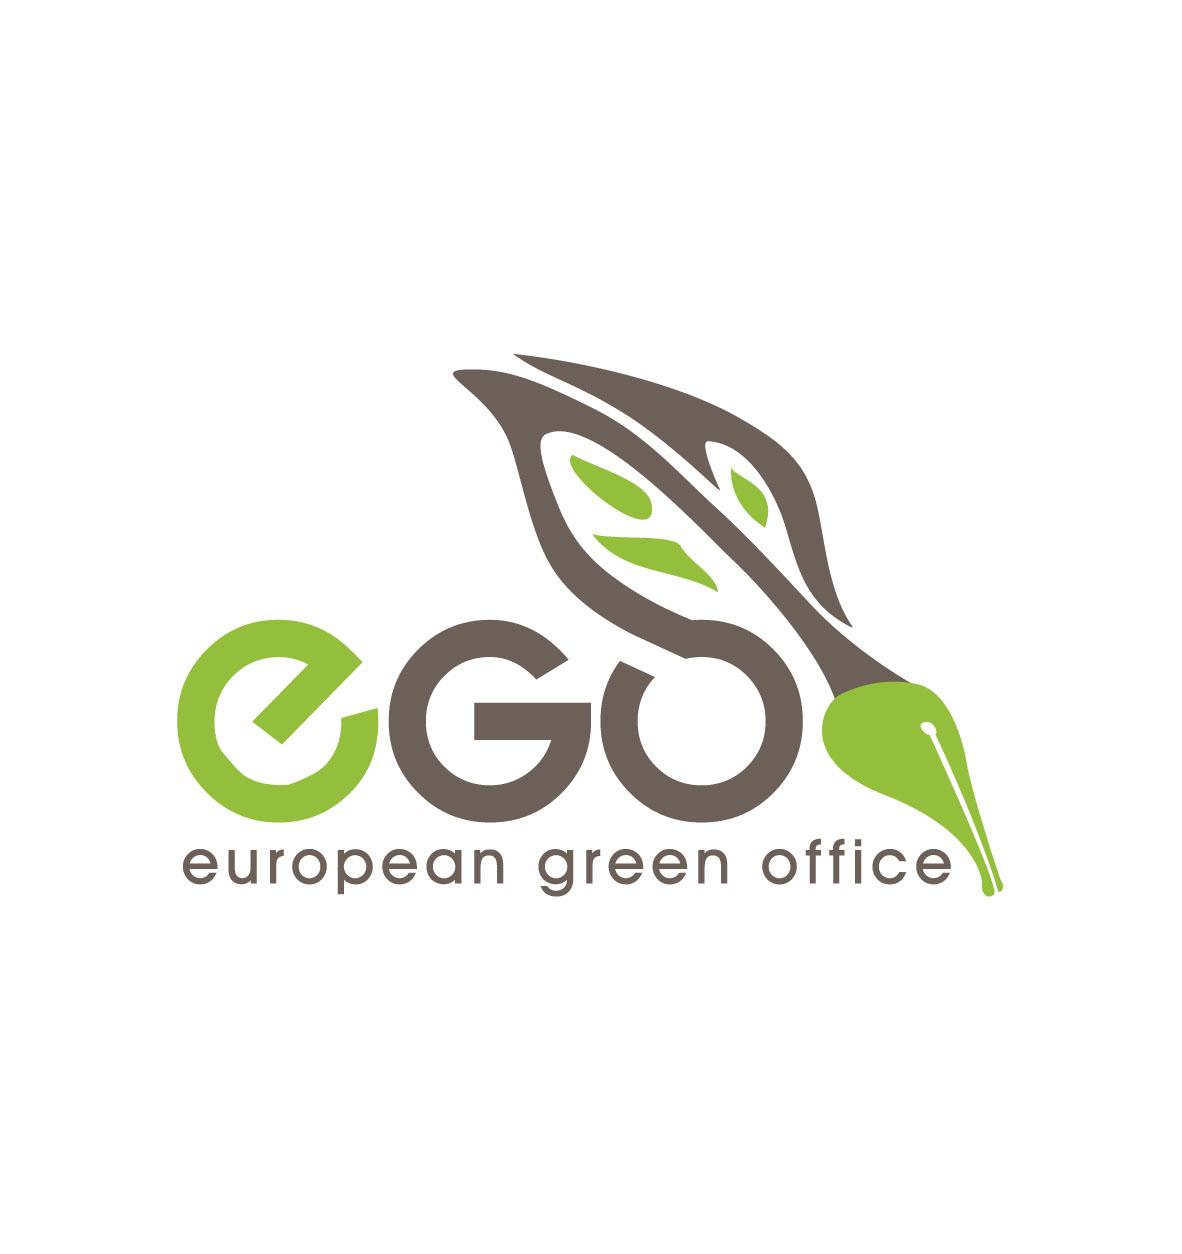 ego logo vector